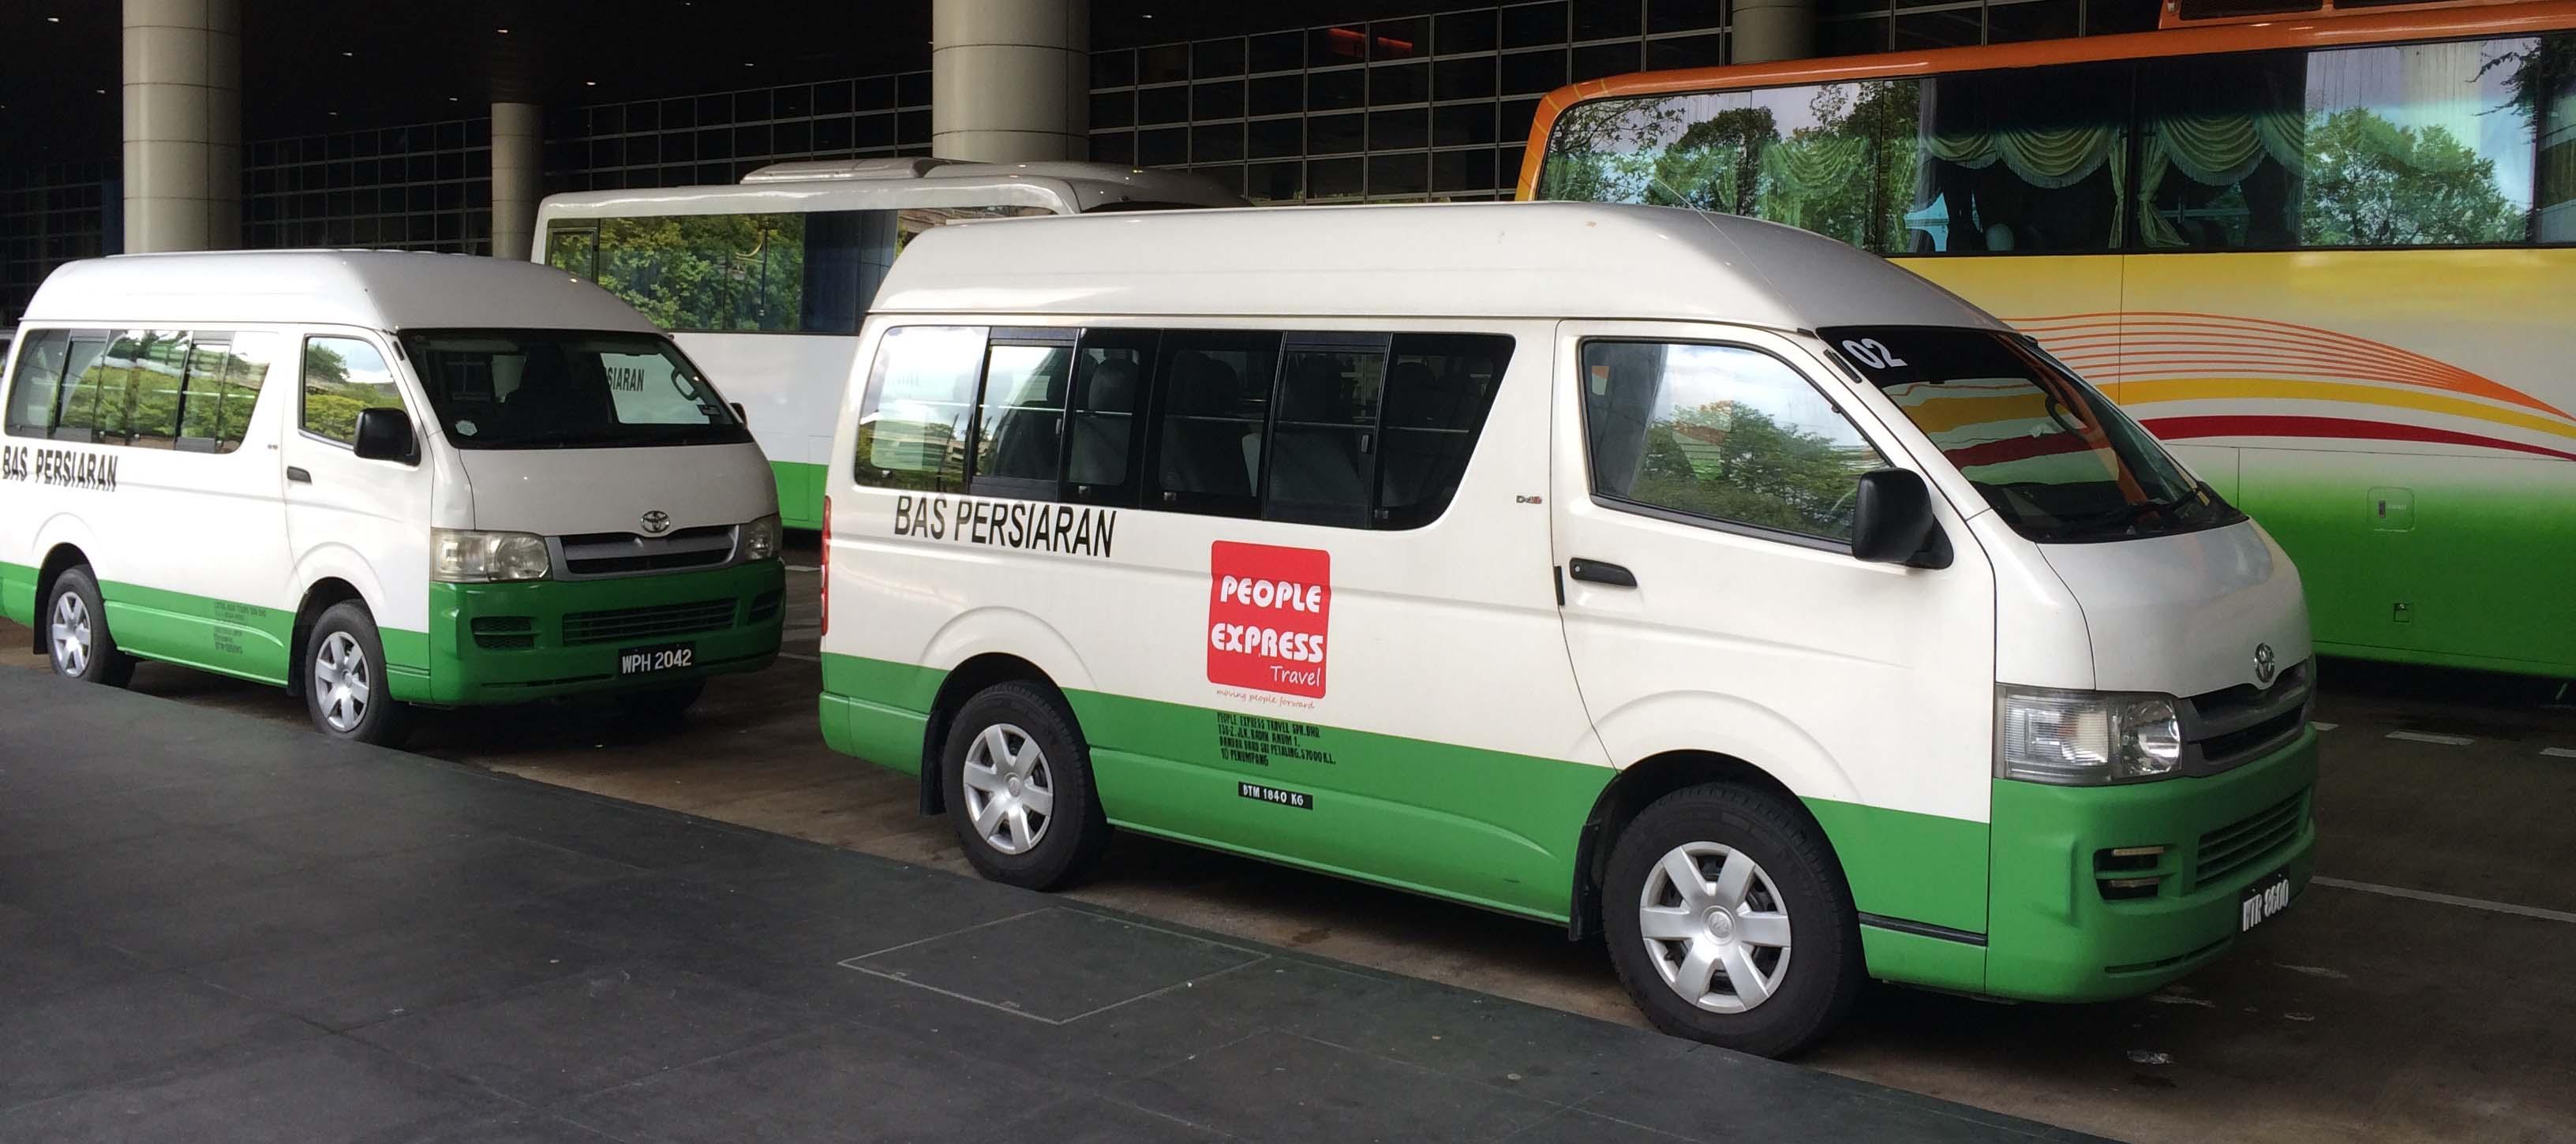 People Express Van